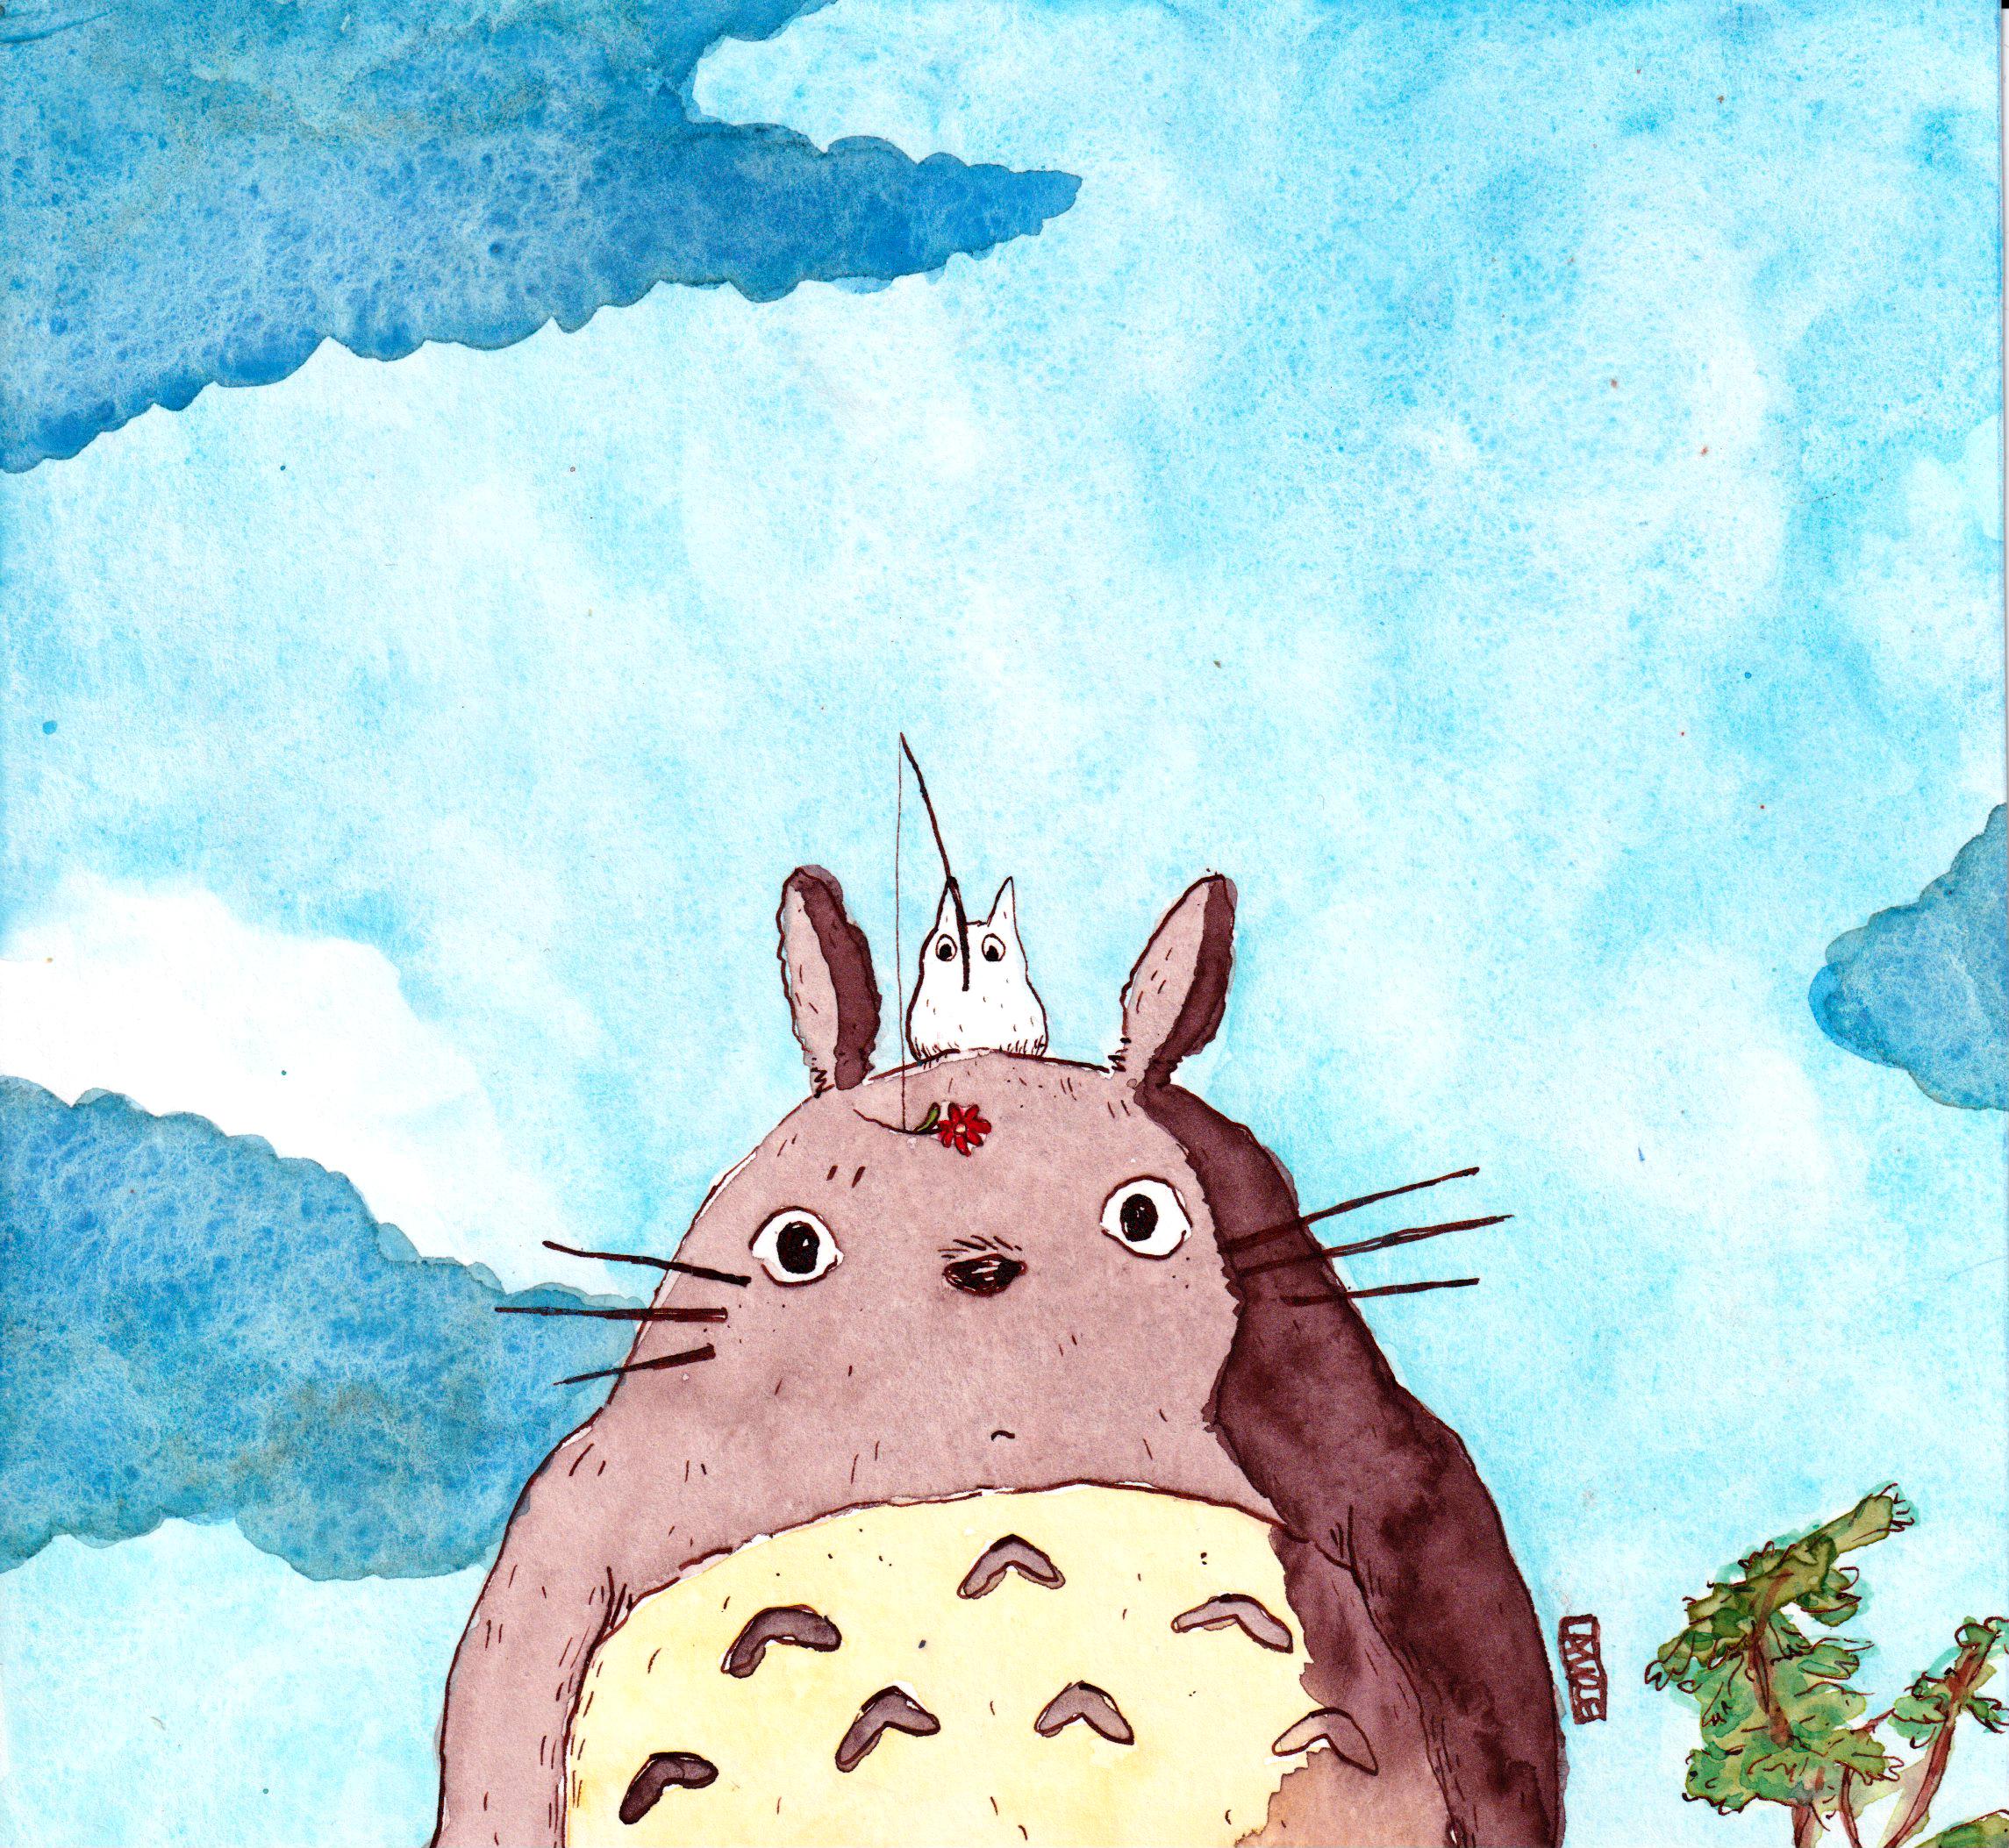 Totoro (Miyazaki)